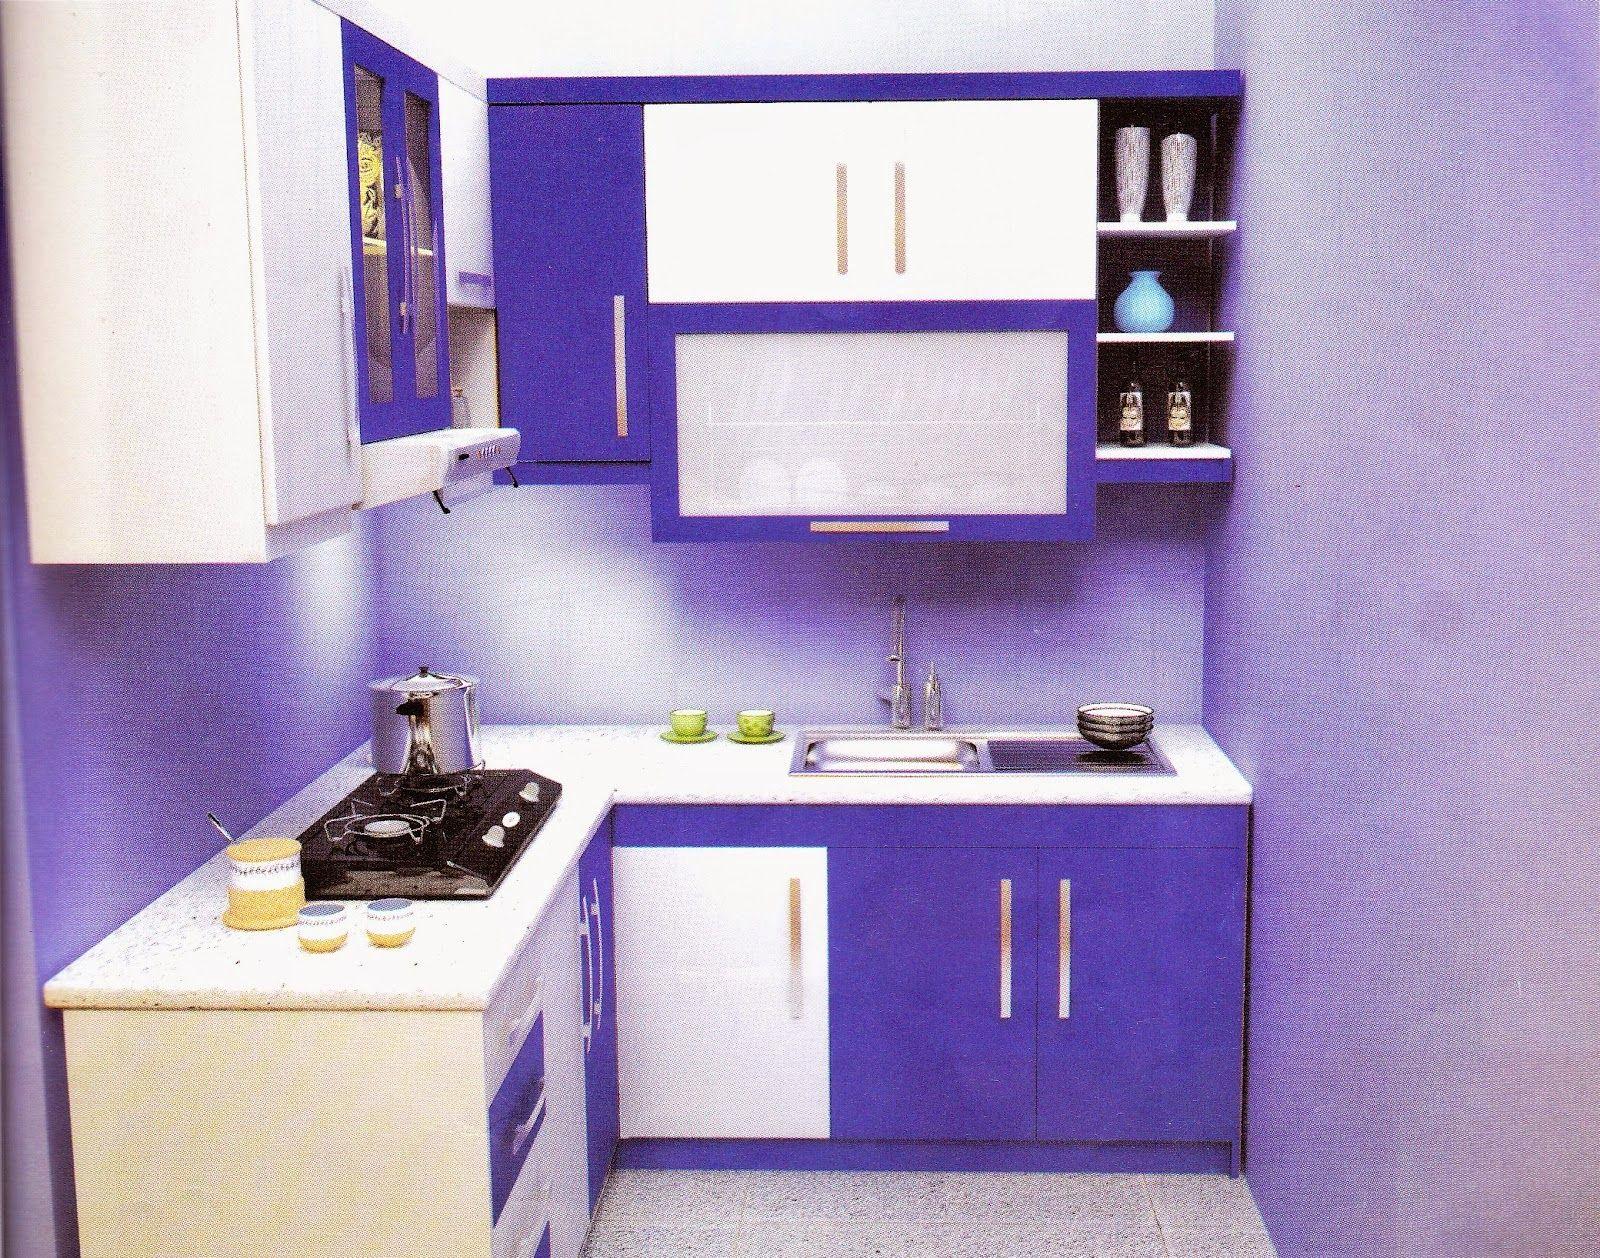 Design Kitchen Set Untuk Dapur Kecil kami jasa pembuatan mebel : lemari, kursi, meja, sofa, kusen, dan